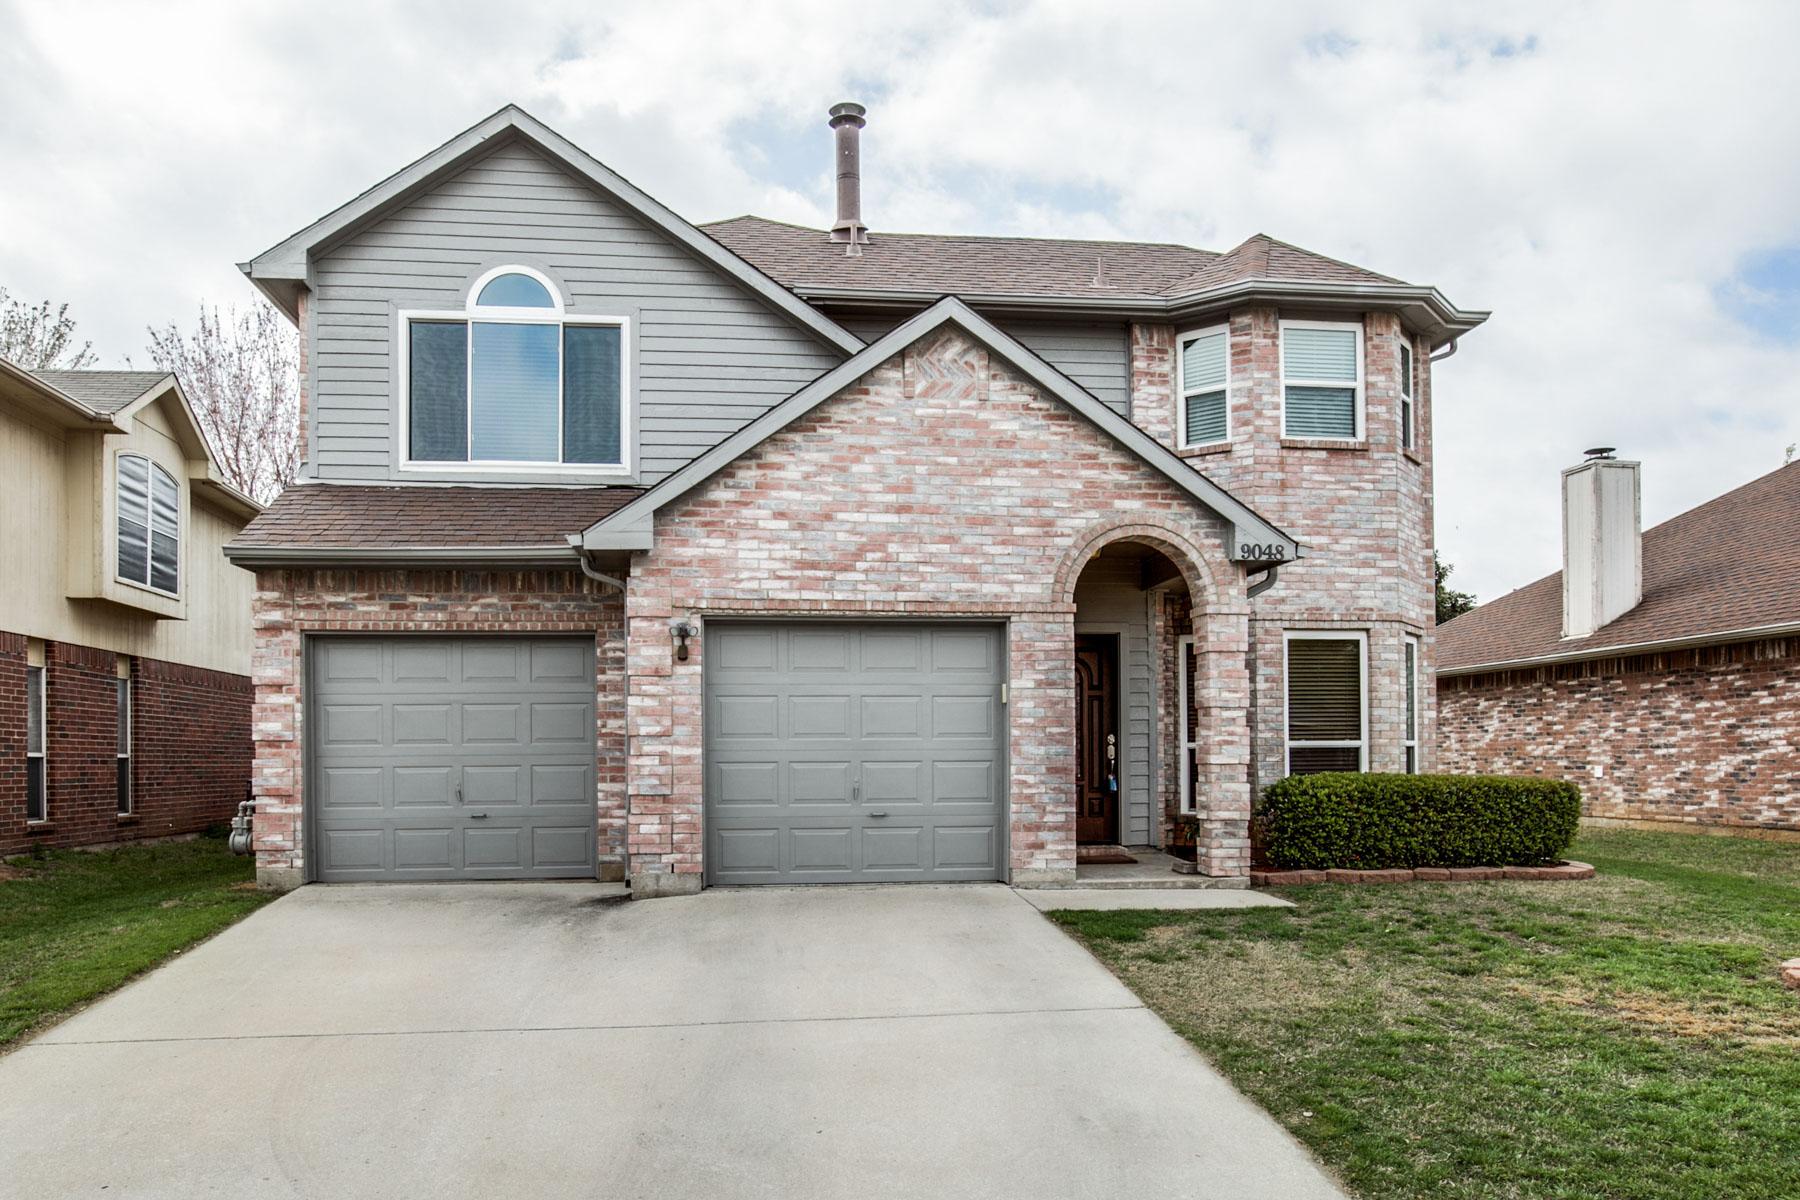 独户住宅 为 销售 在 9048 Elbe Trail, Fort Worth 9048 Elbe Trl 沃斯堡市, 得克萨斯州, 76118 美国